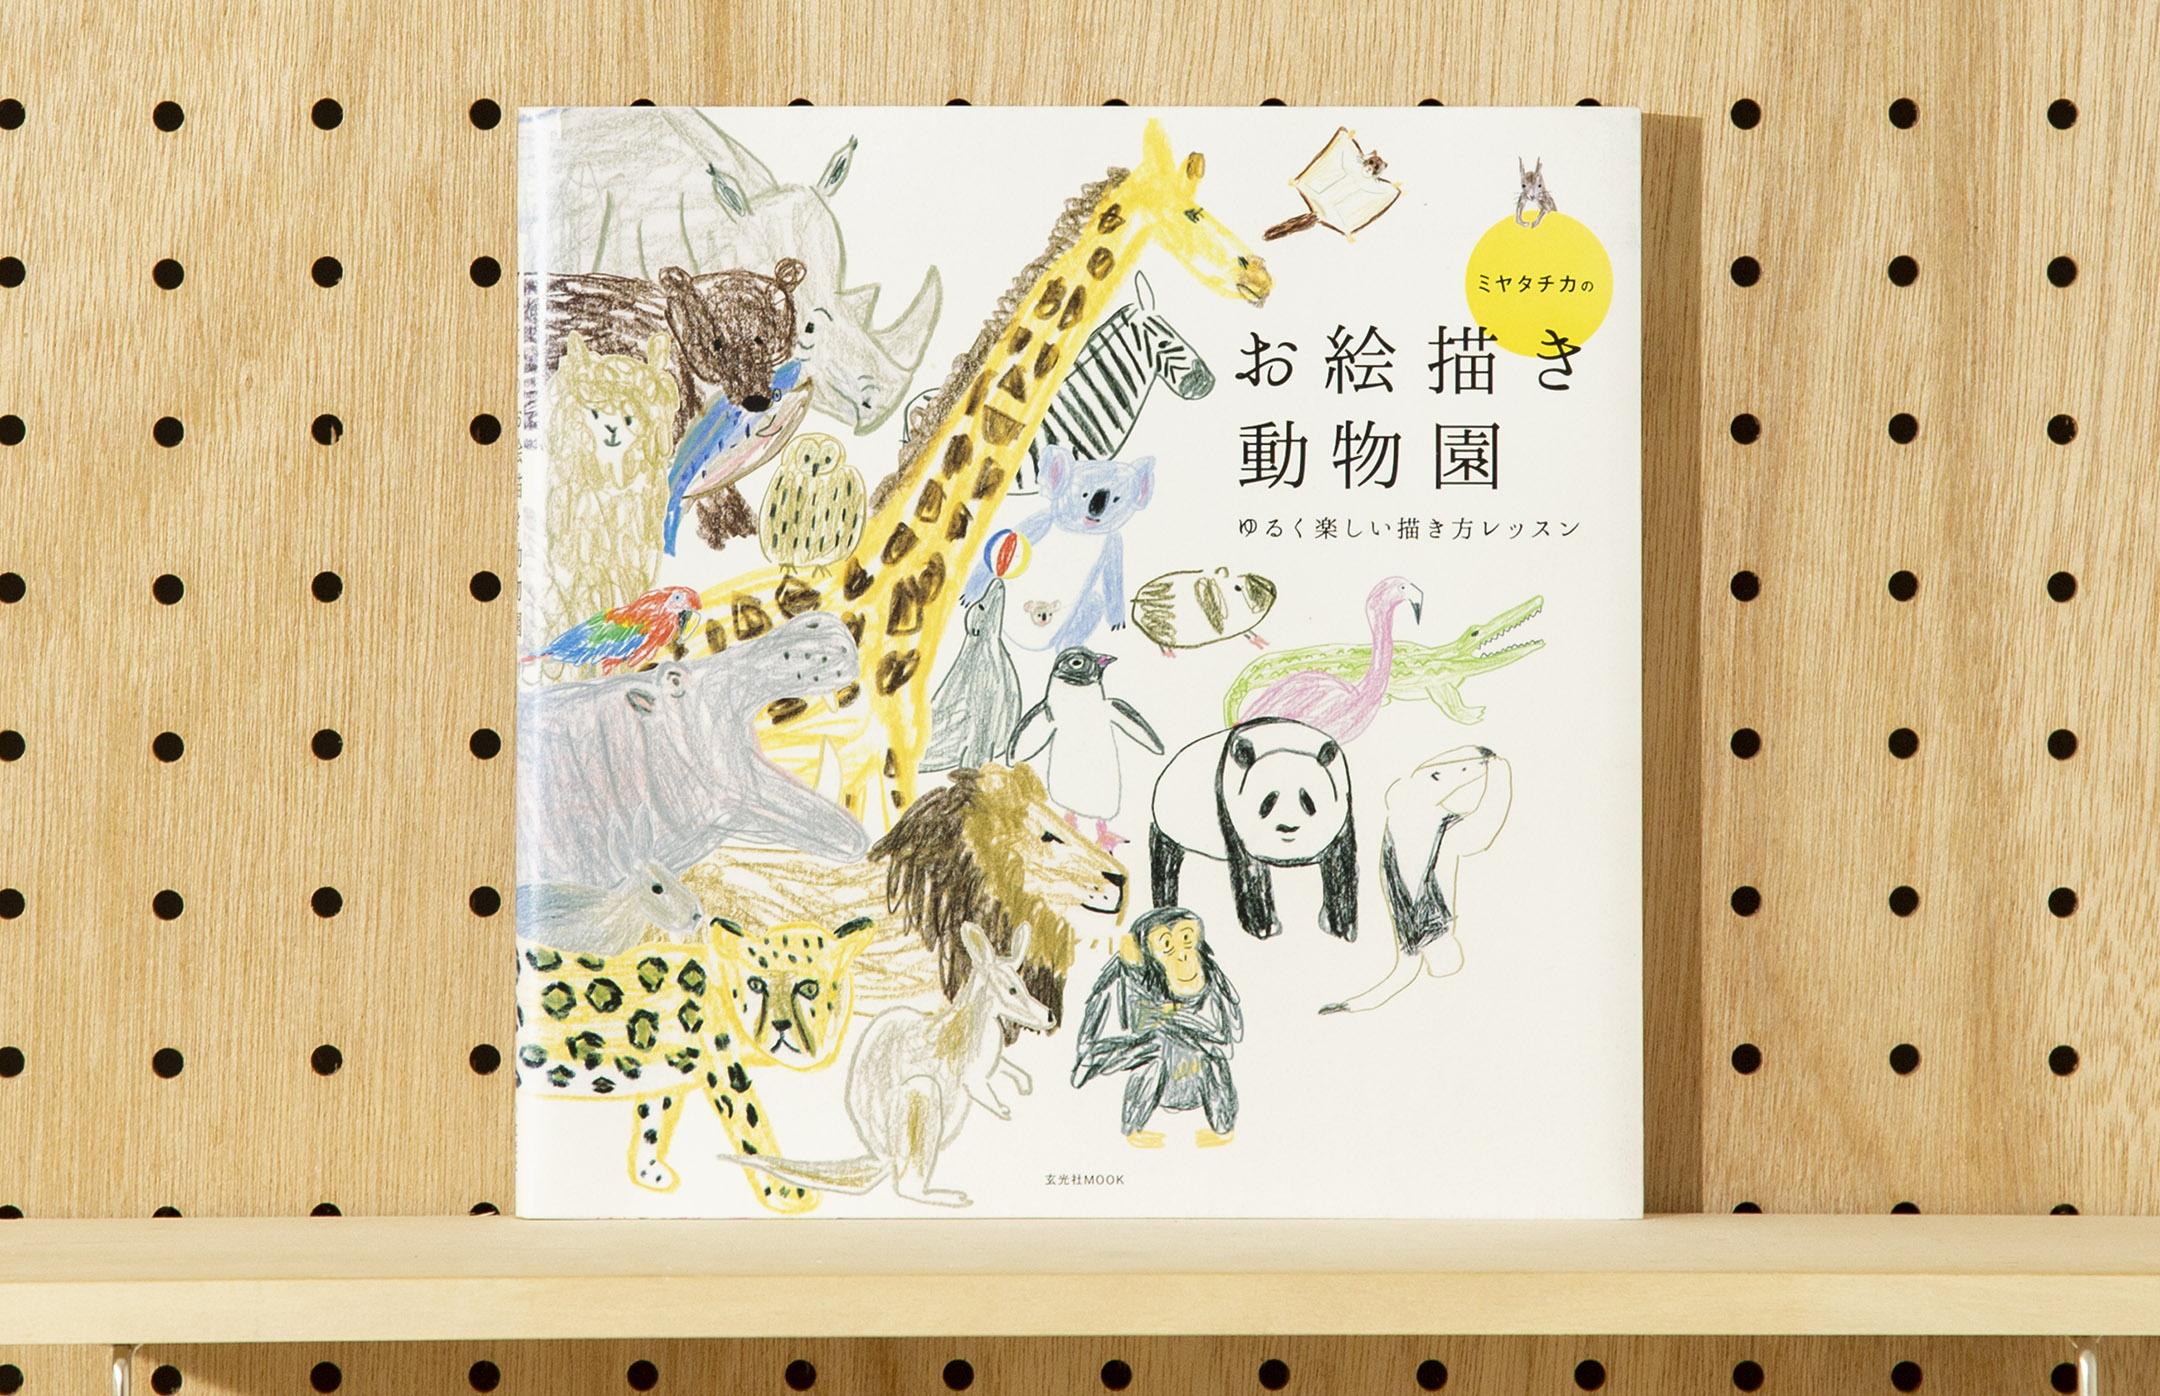 ミヤタチカの お絵描き動物園 ゆるく楽しい描き方レッスン